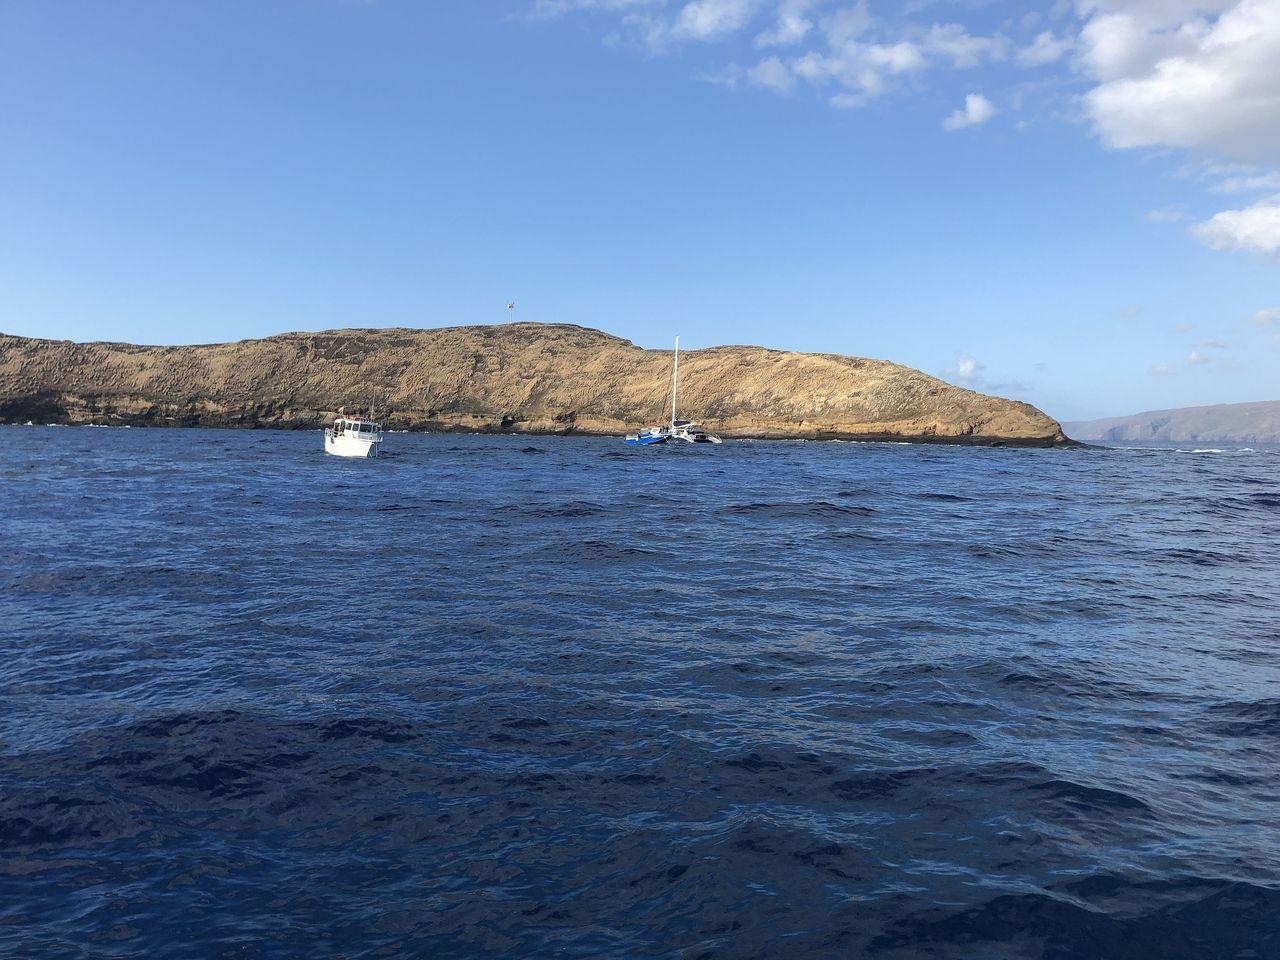 モロキニ島周辺でのダイビング